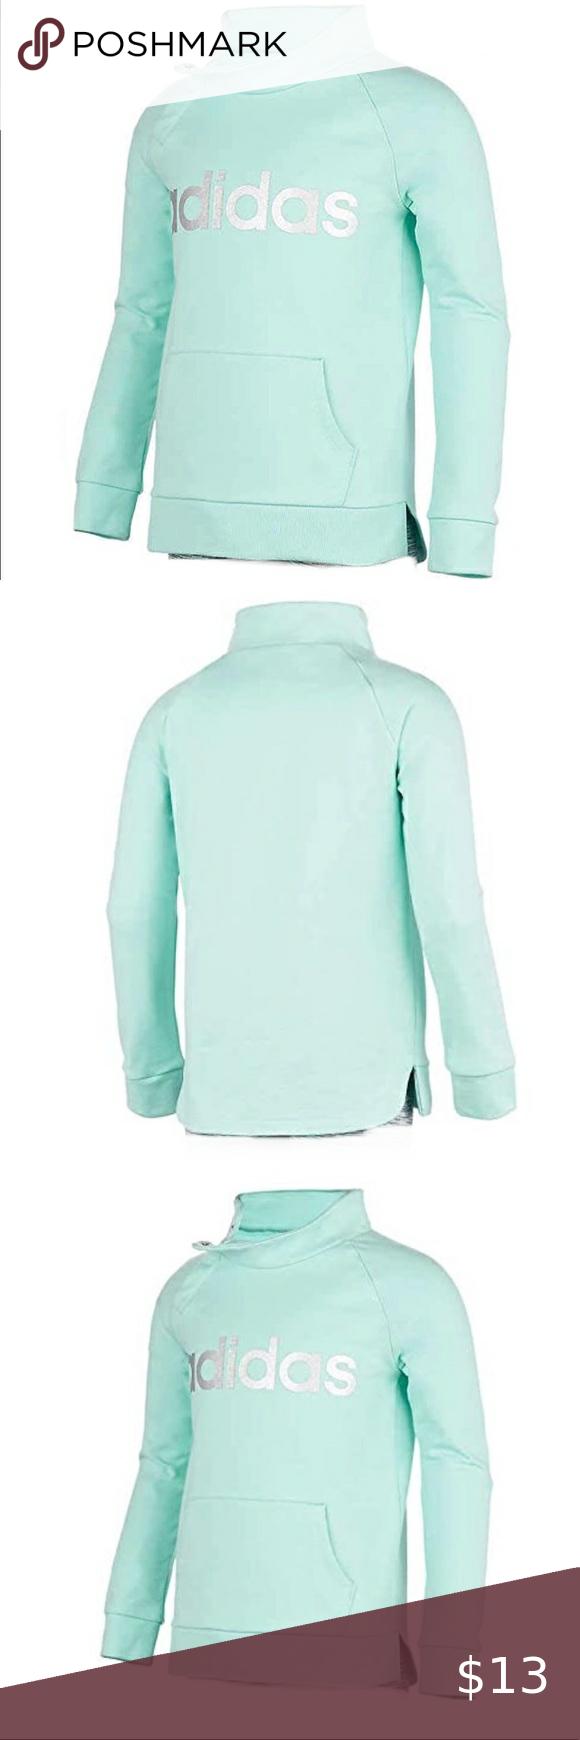 Adidas Girl S Turquoise Cowl Neck Sweatshirt Adidas Girl Cowl Neck Sweatshirt Sweatshirts [ 1740 x 580 Pixel ]